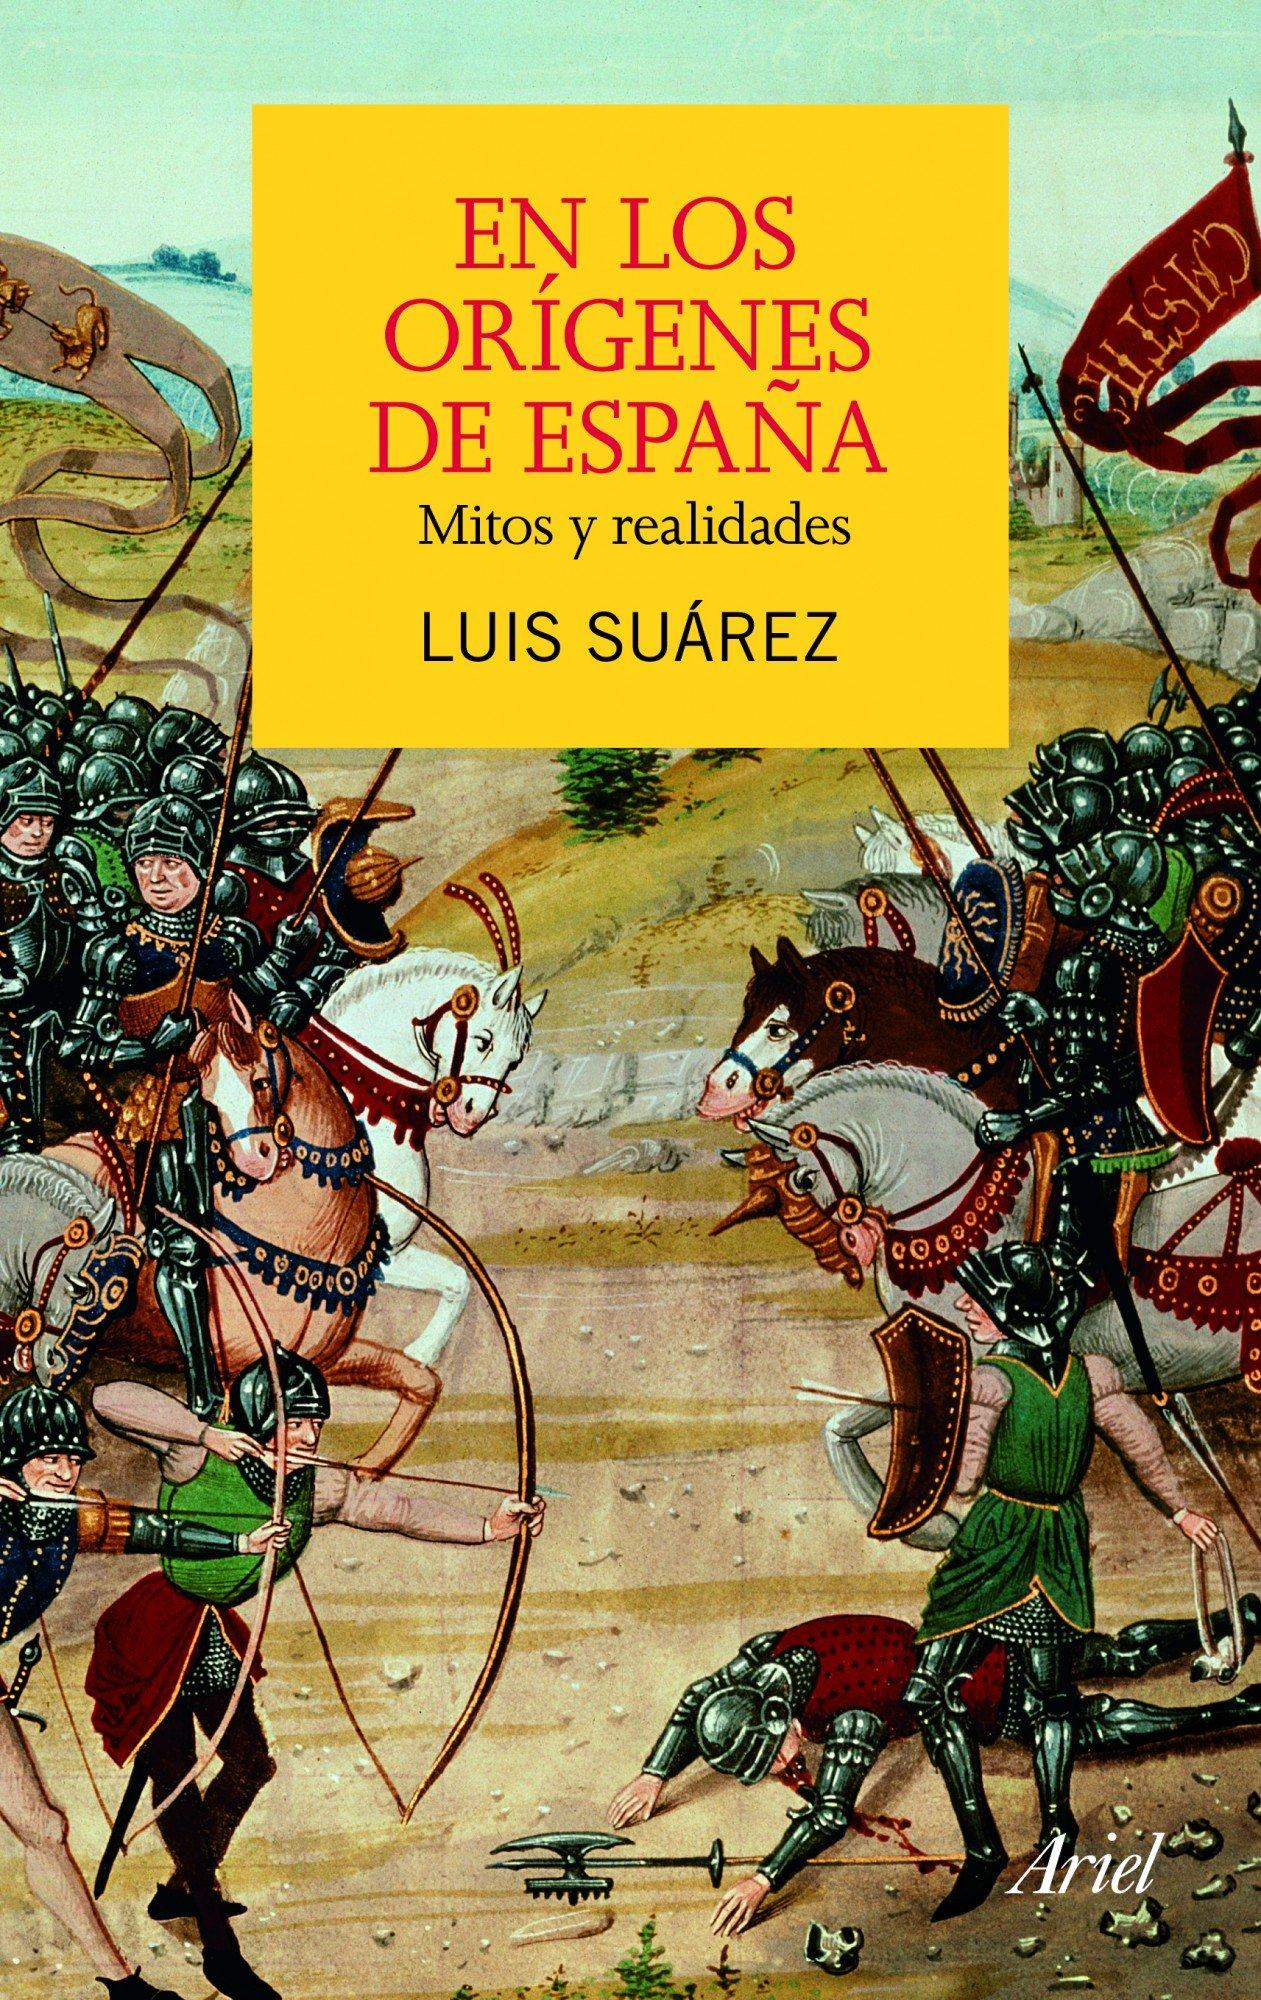 En los orígenes de España: Mitos y realidades (ARIEL): Amazon.es: Suárez, Luis: Libros